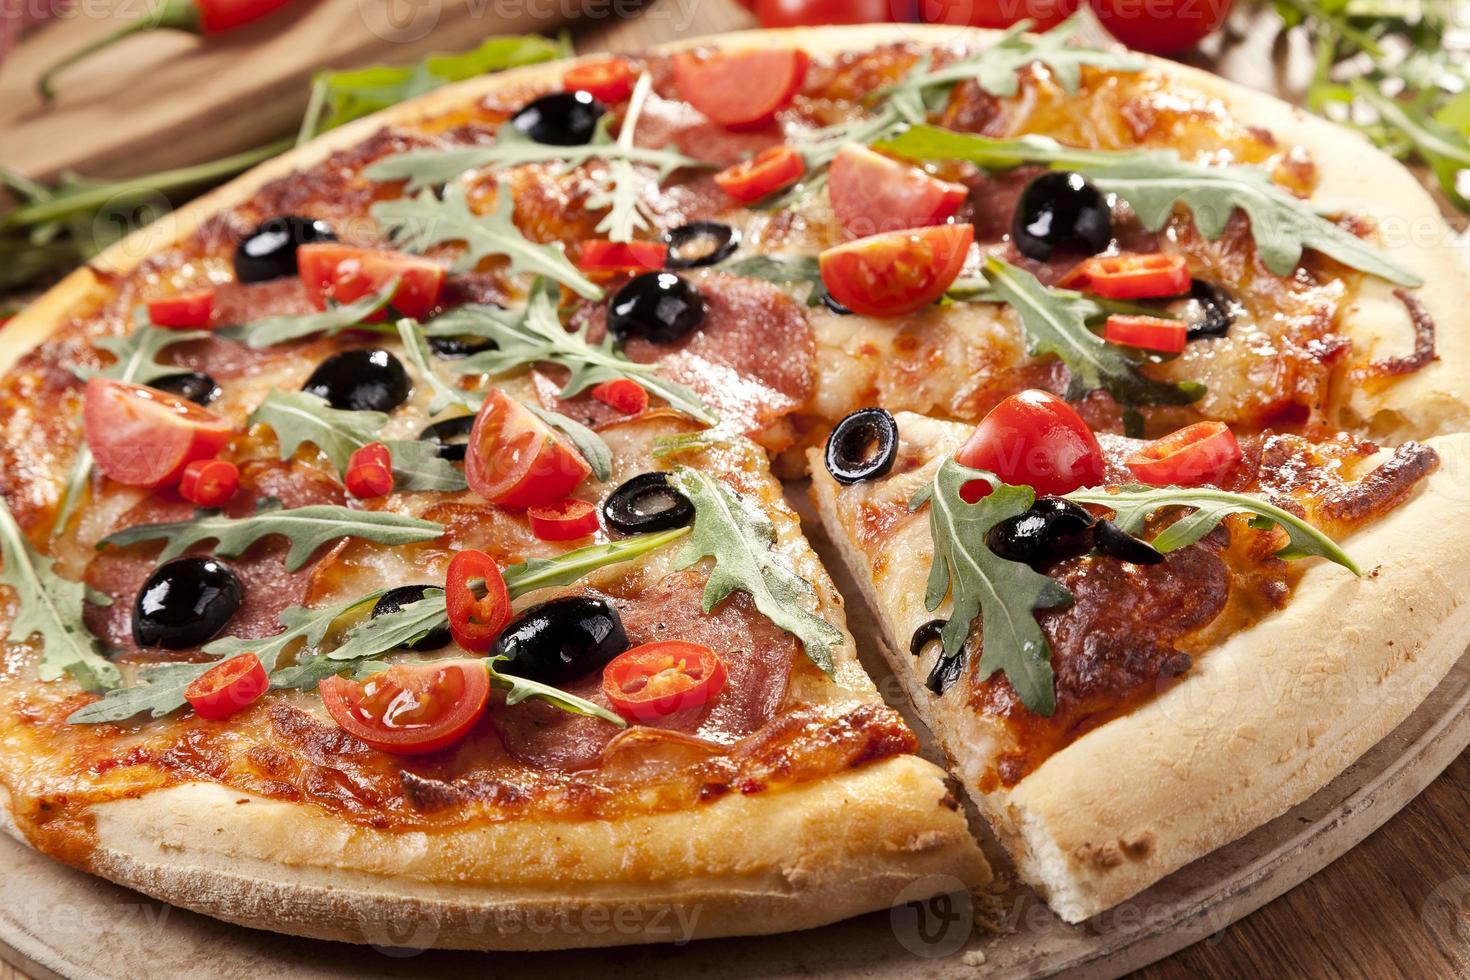 pizza peperoni no prato foto